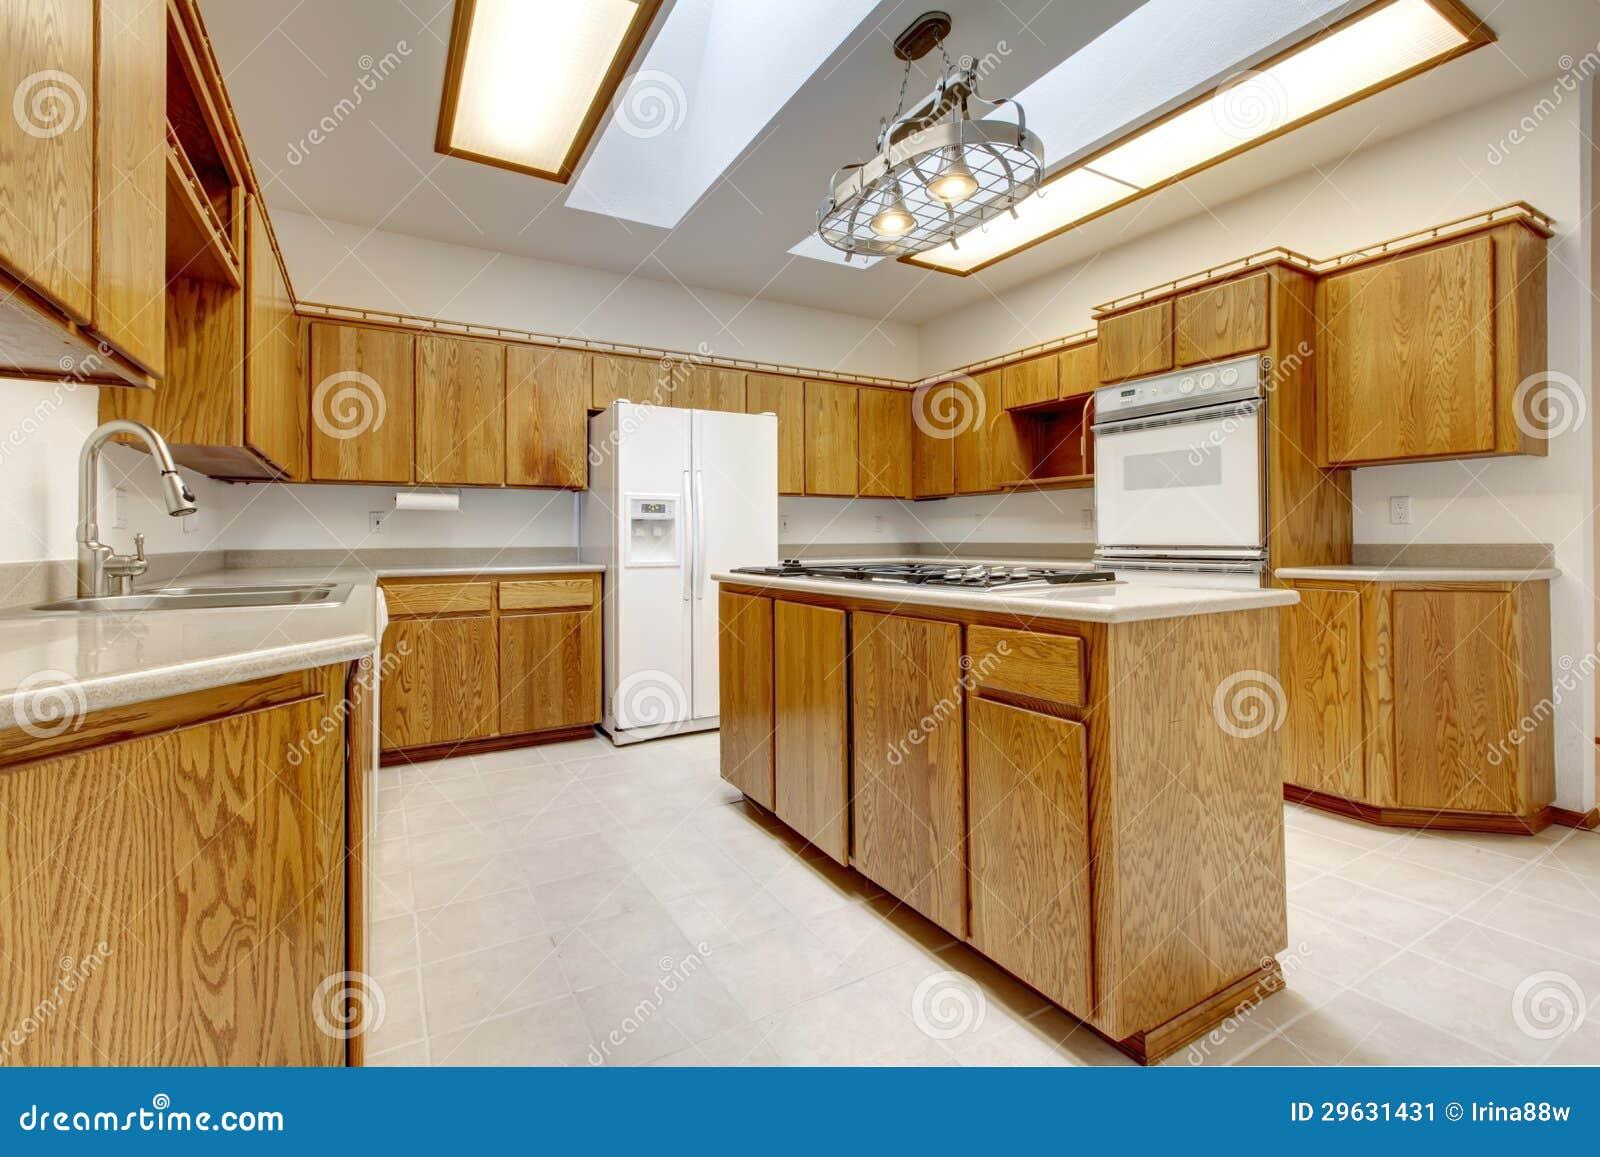 Hölzerne küche mit insel ohne fenster mit heller leuchte ...